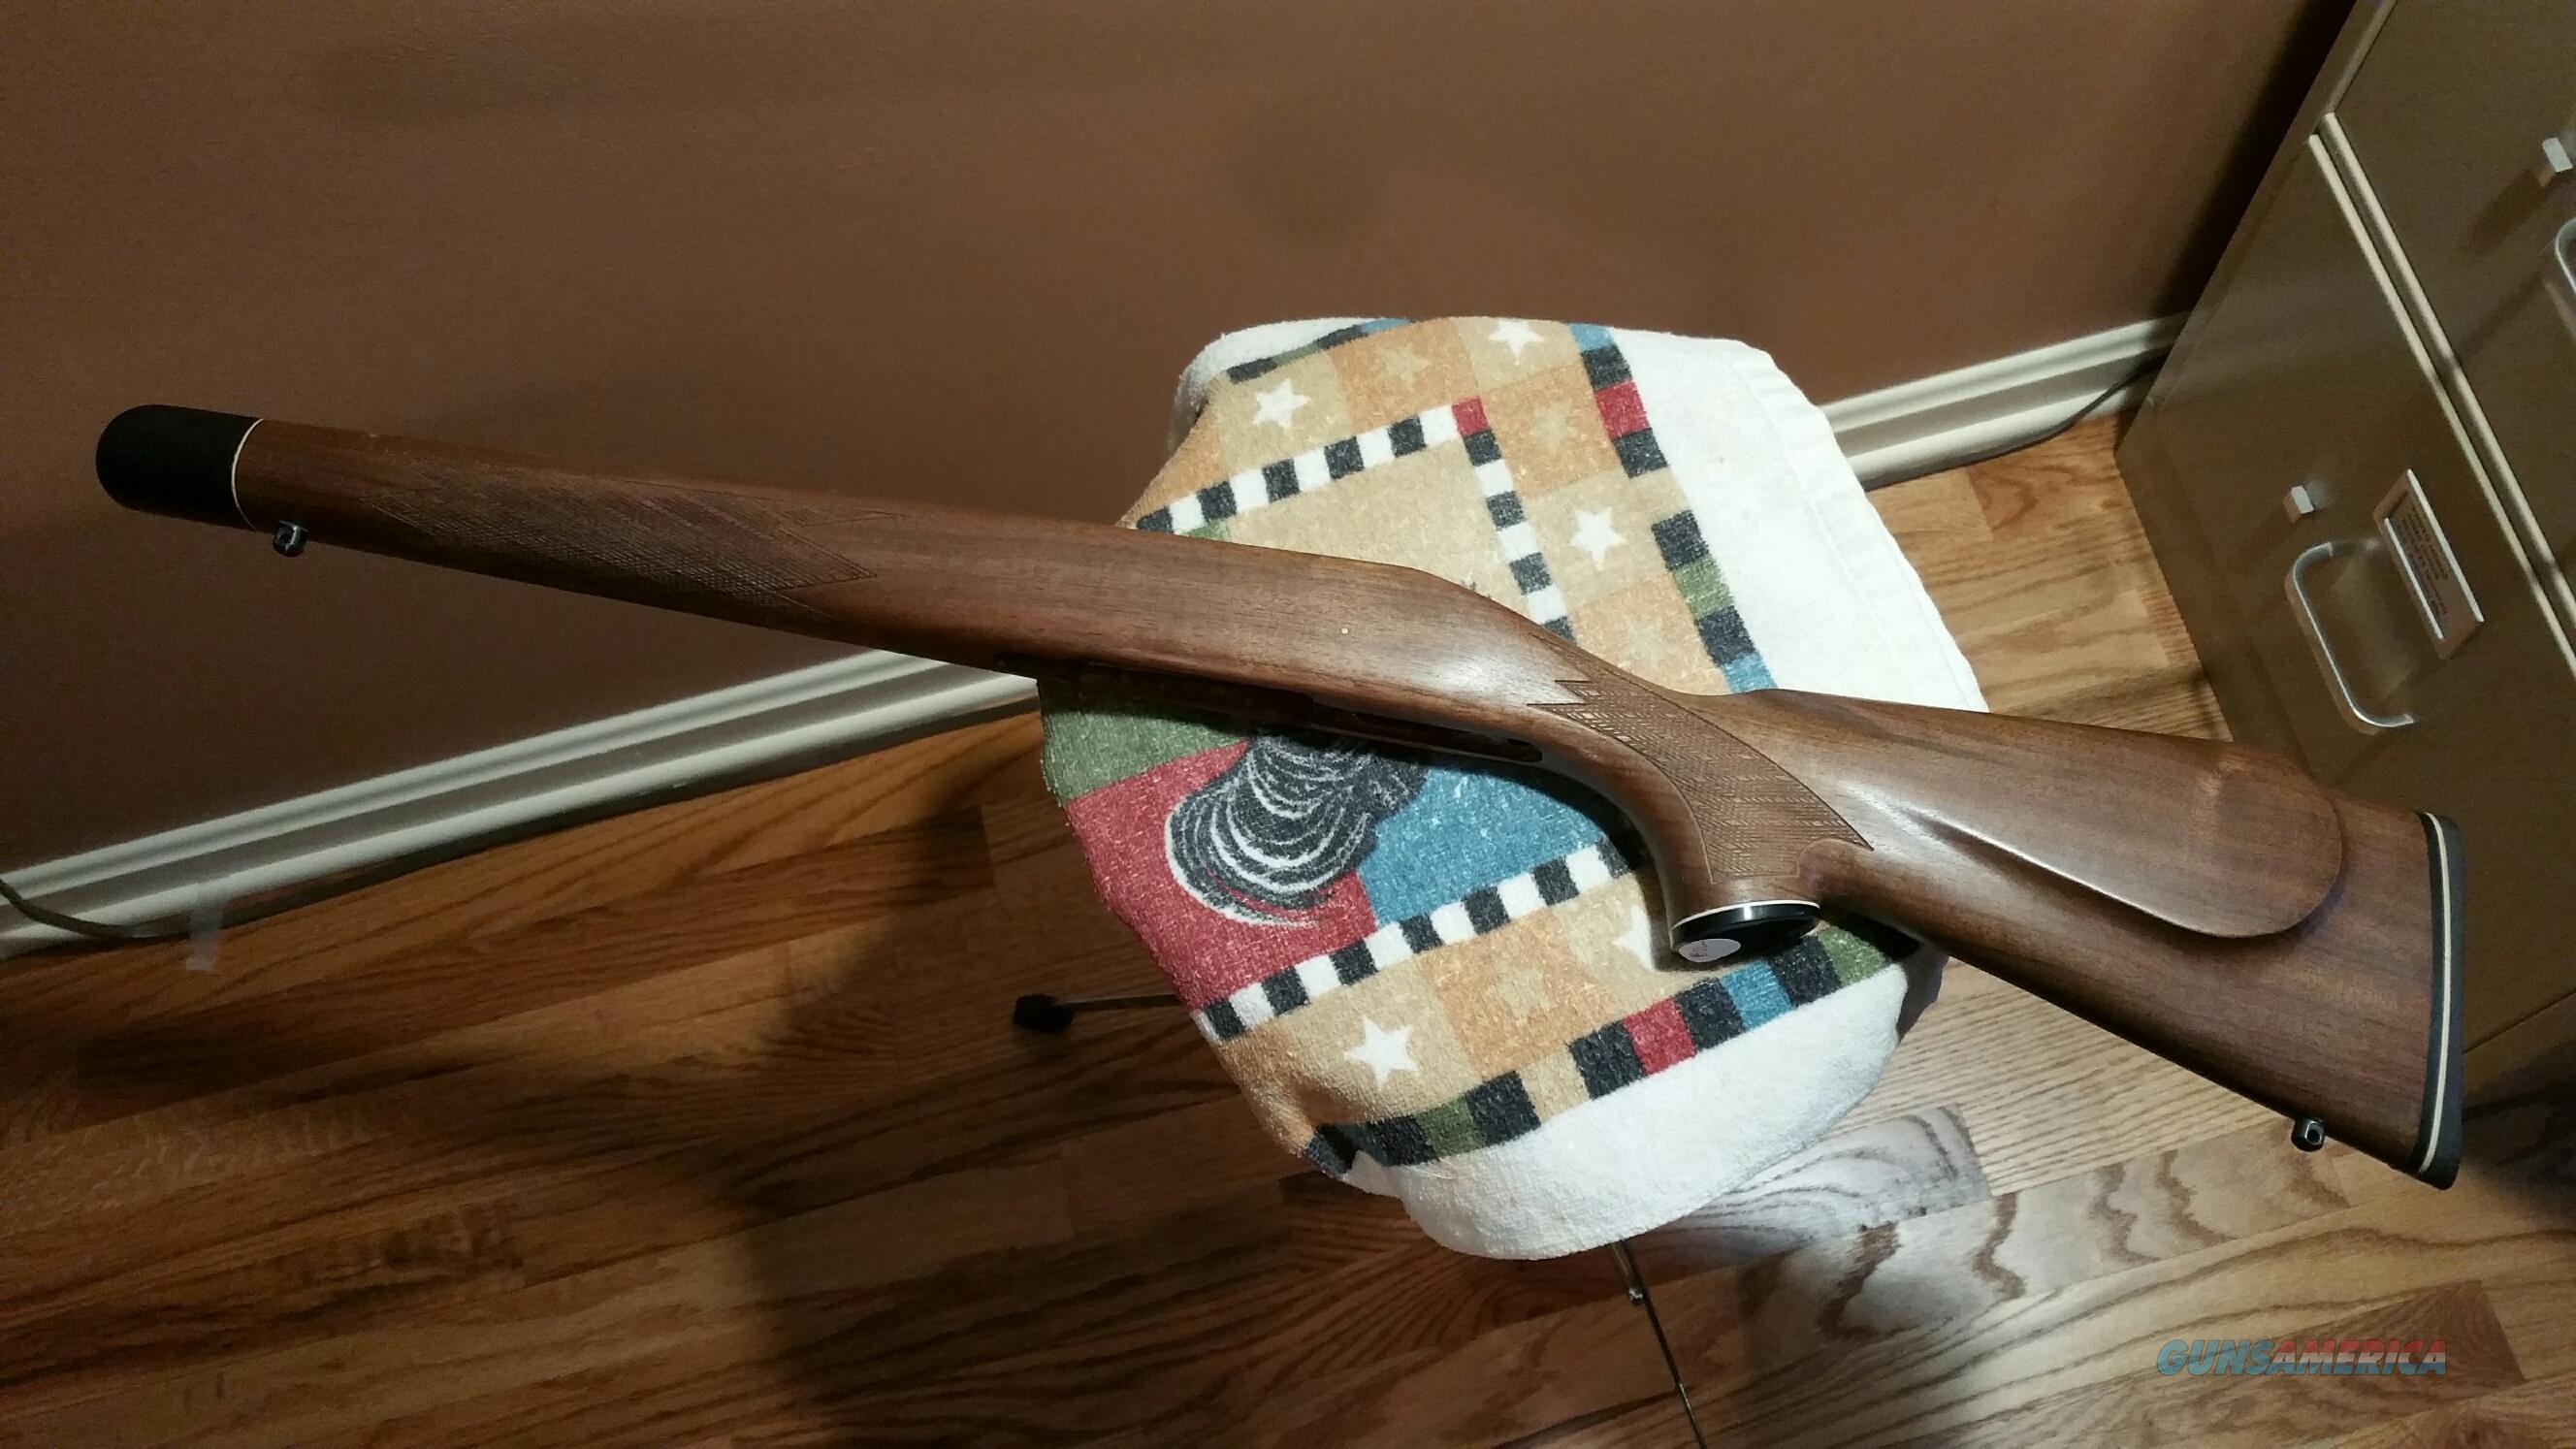 REMINGTON 700 BDL-- gunSTOCK for sale  Non-Guns > Gunstocks, Grips & Wood